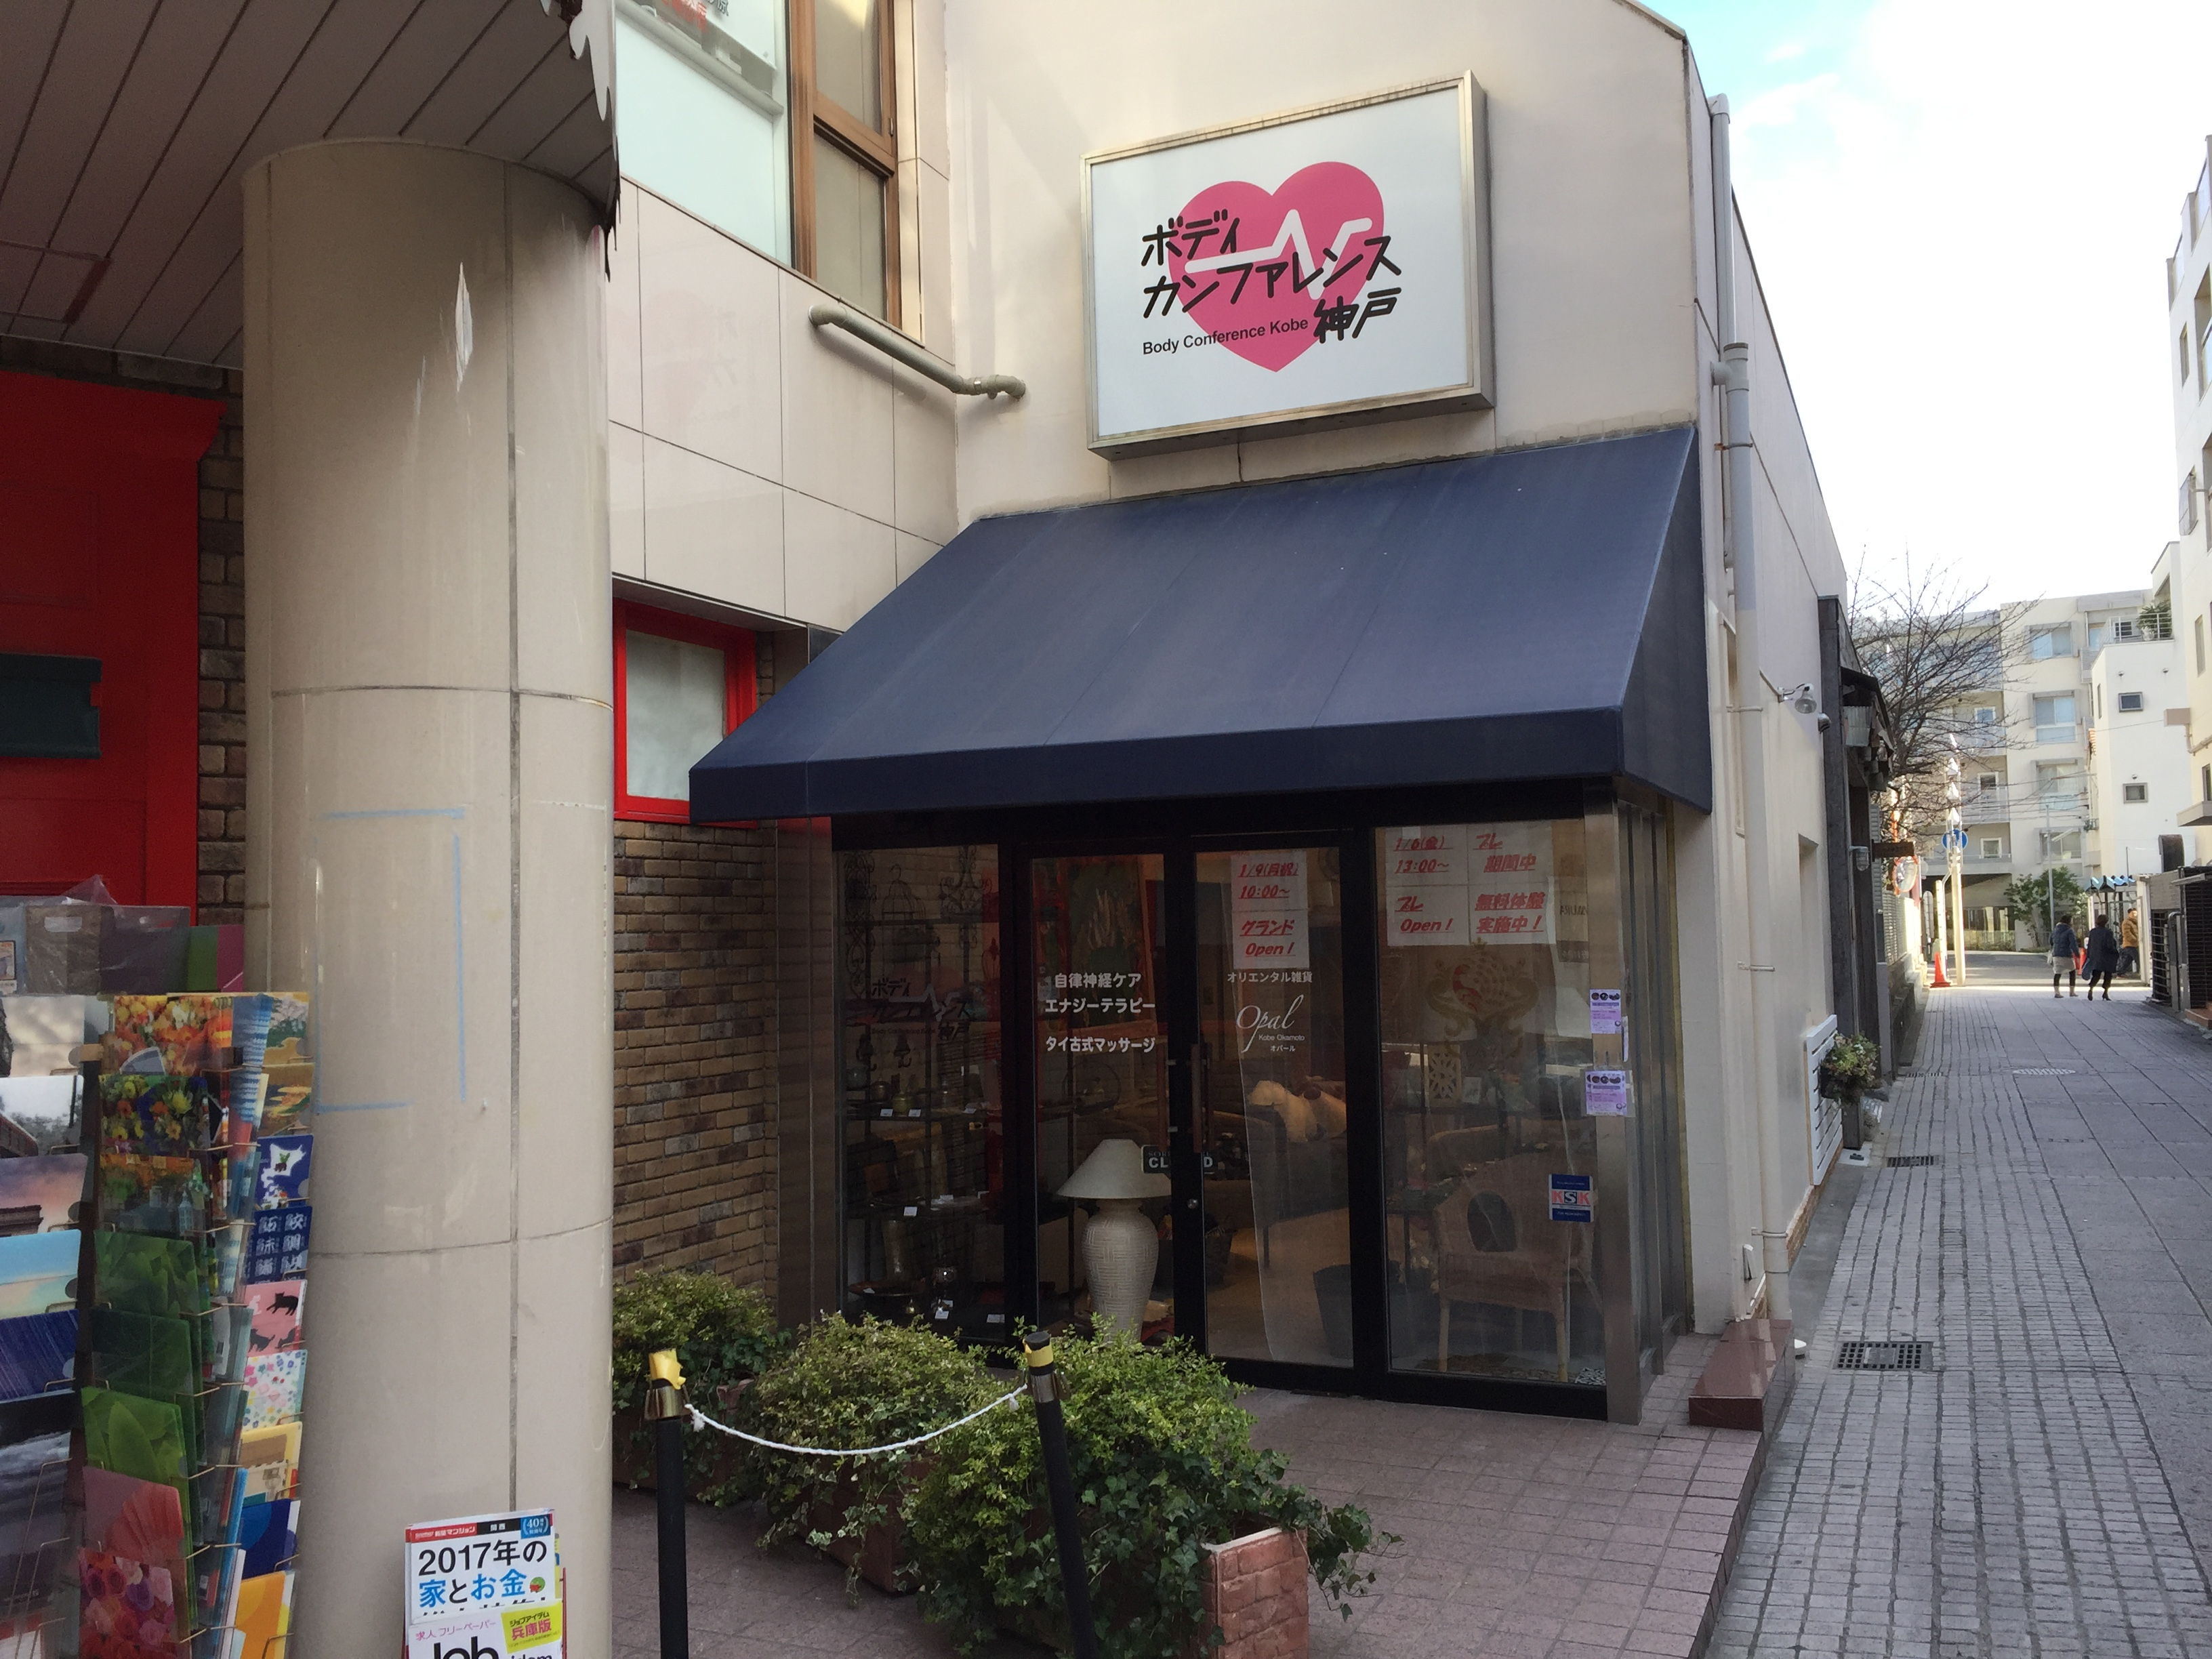 神戸・岡本にタイ古式マッサージ&エナジーテラピーが体験できる「ボディカンファレンス神戸」が1/9にグランドオープン!【新装開店】